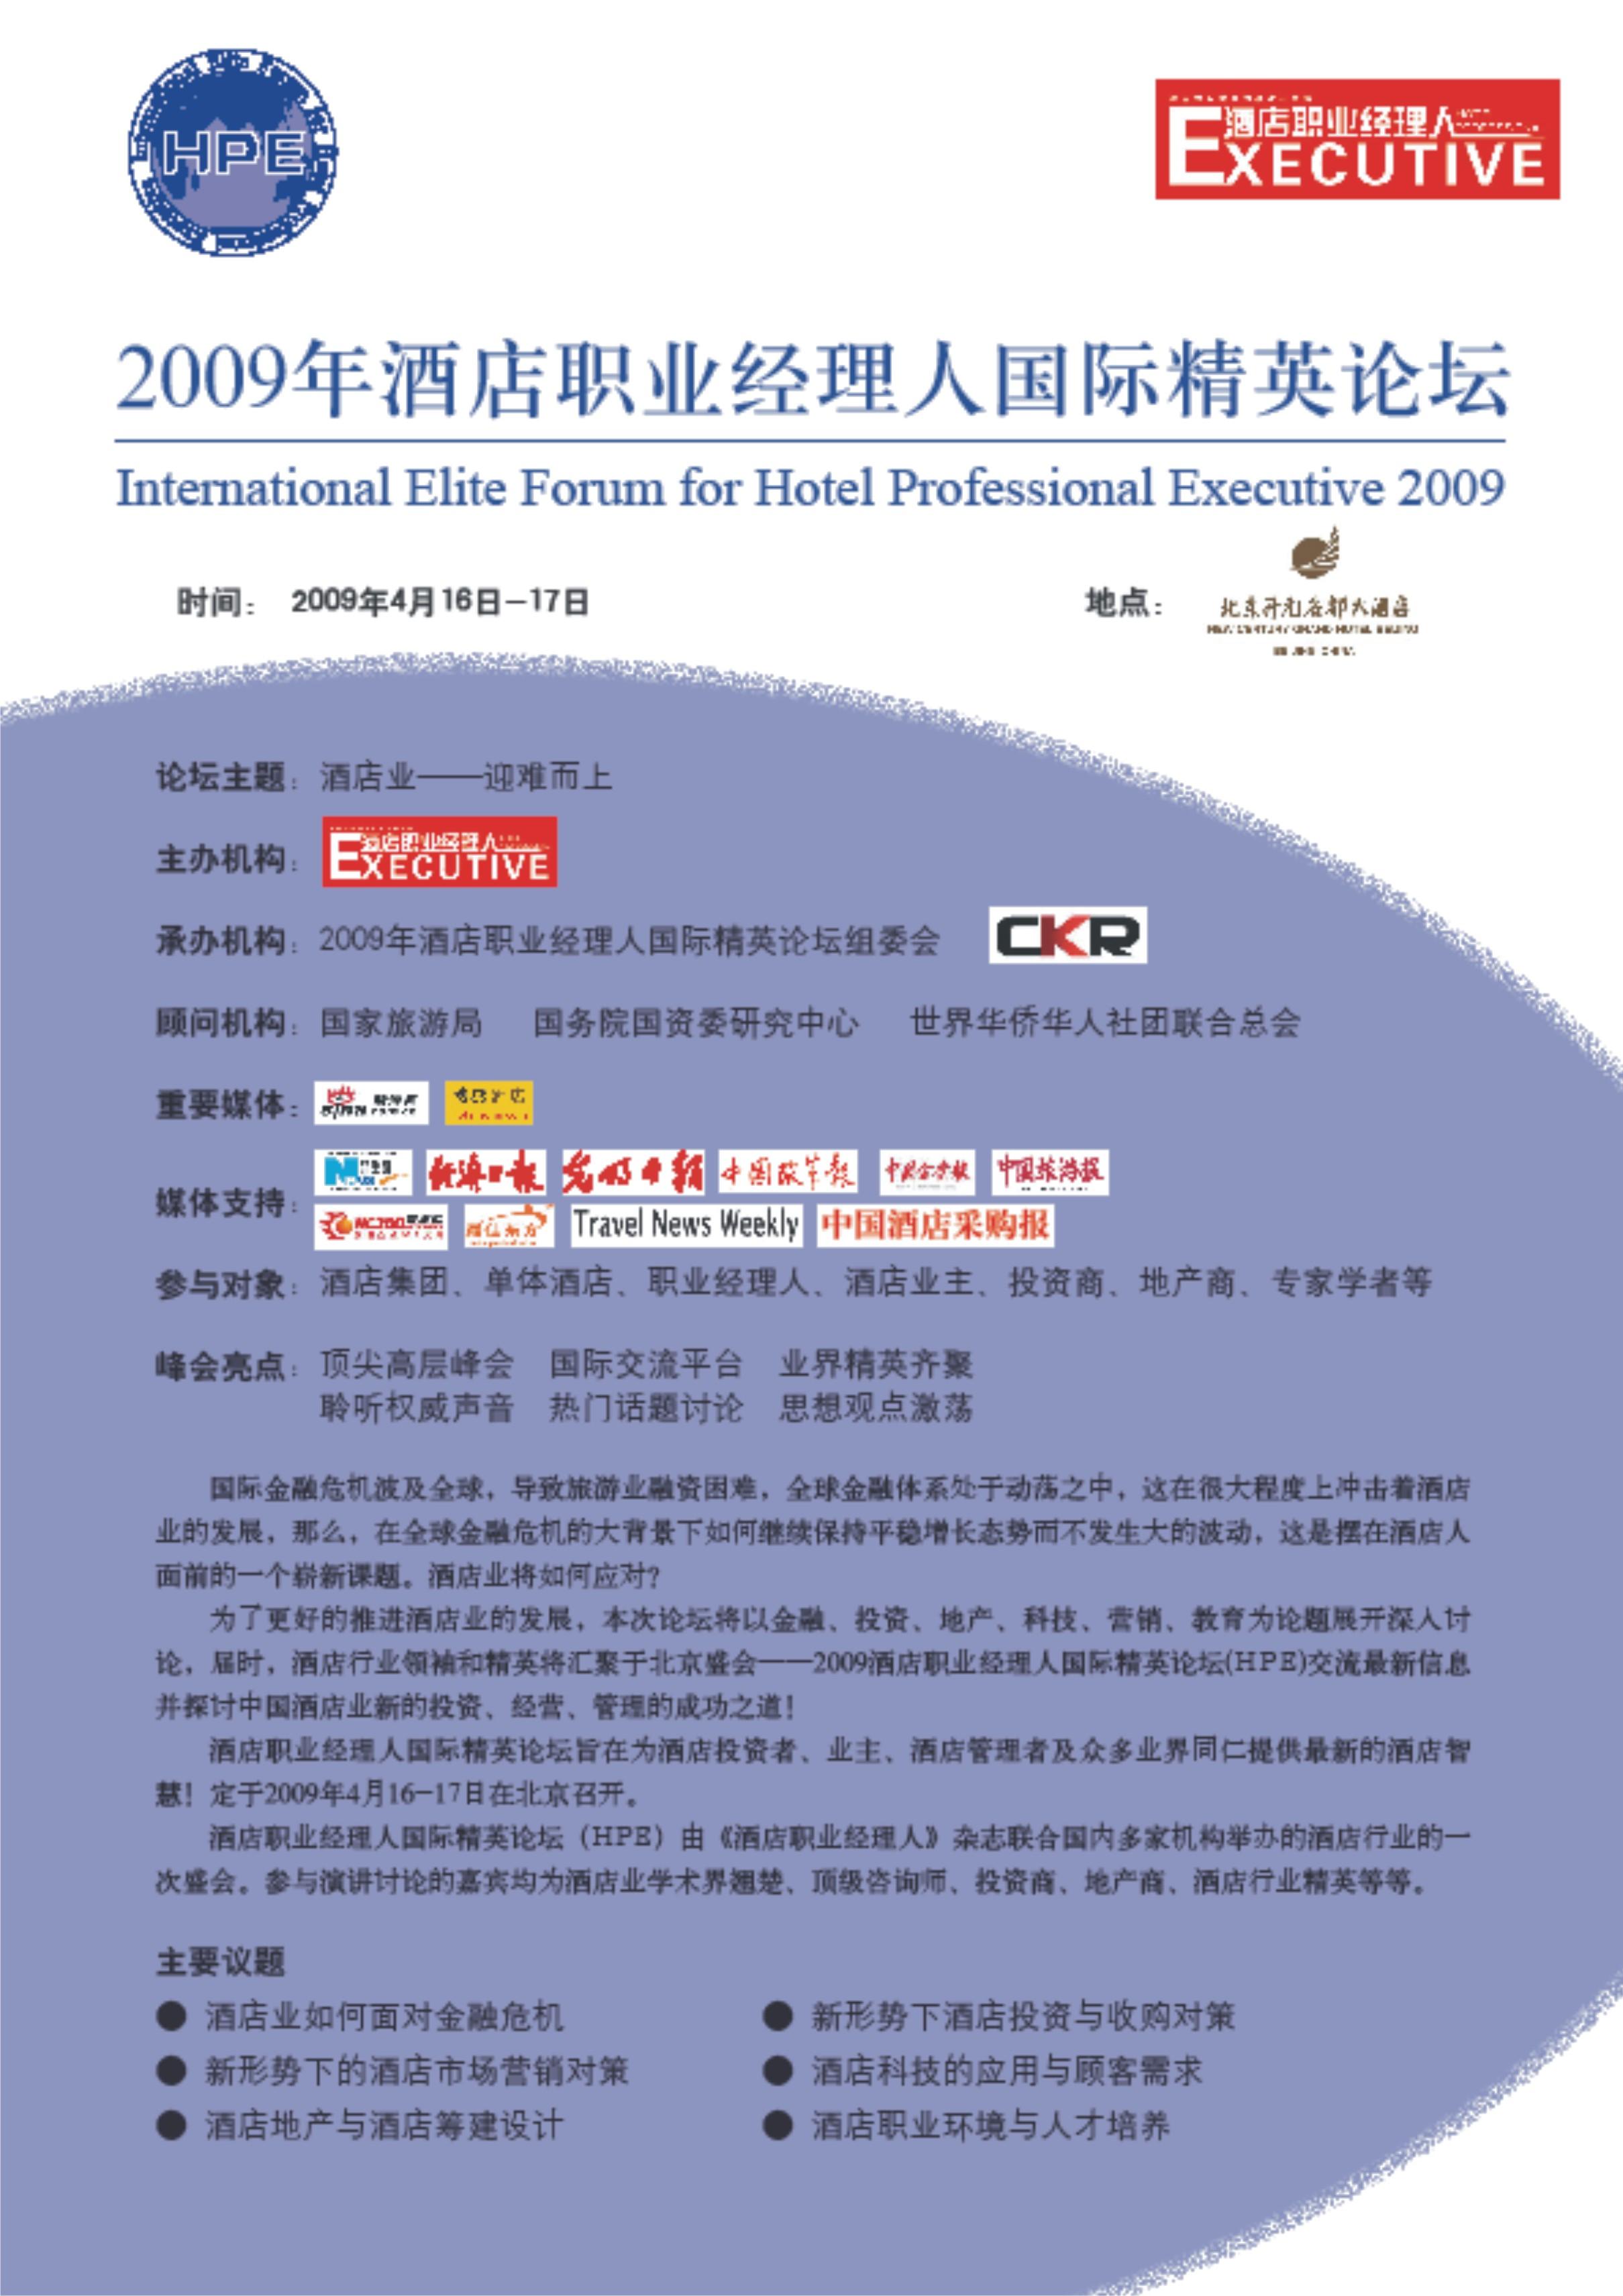 2009年酒店职业经理人国际精英论坛即将举办